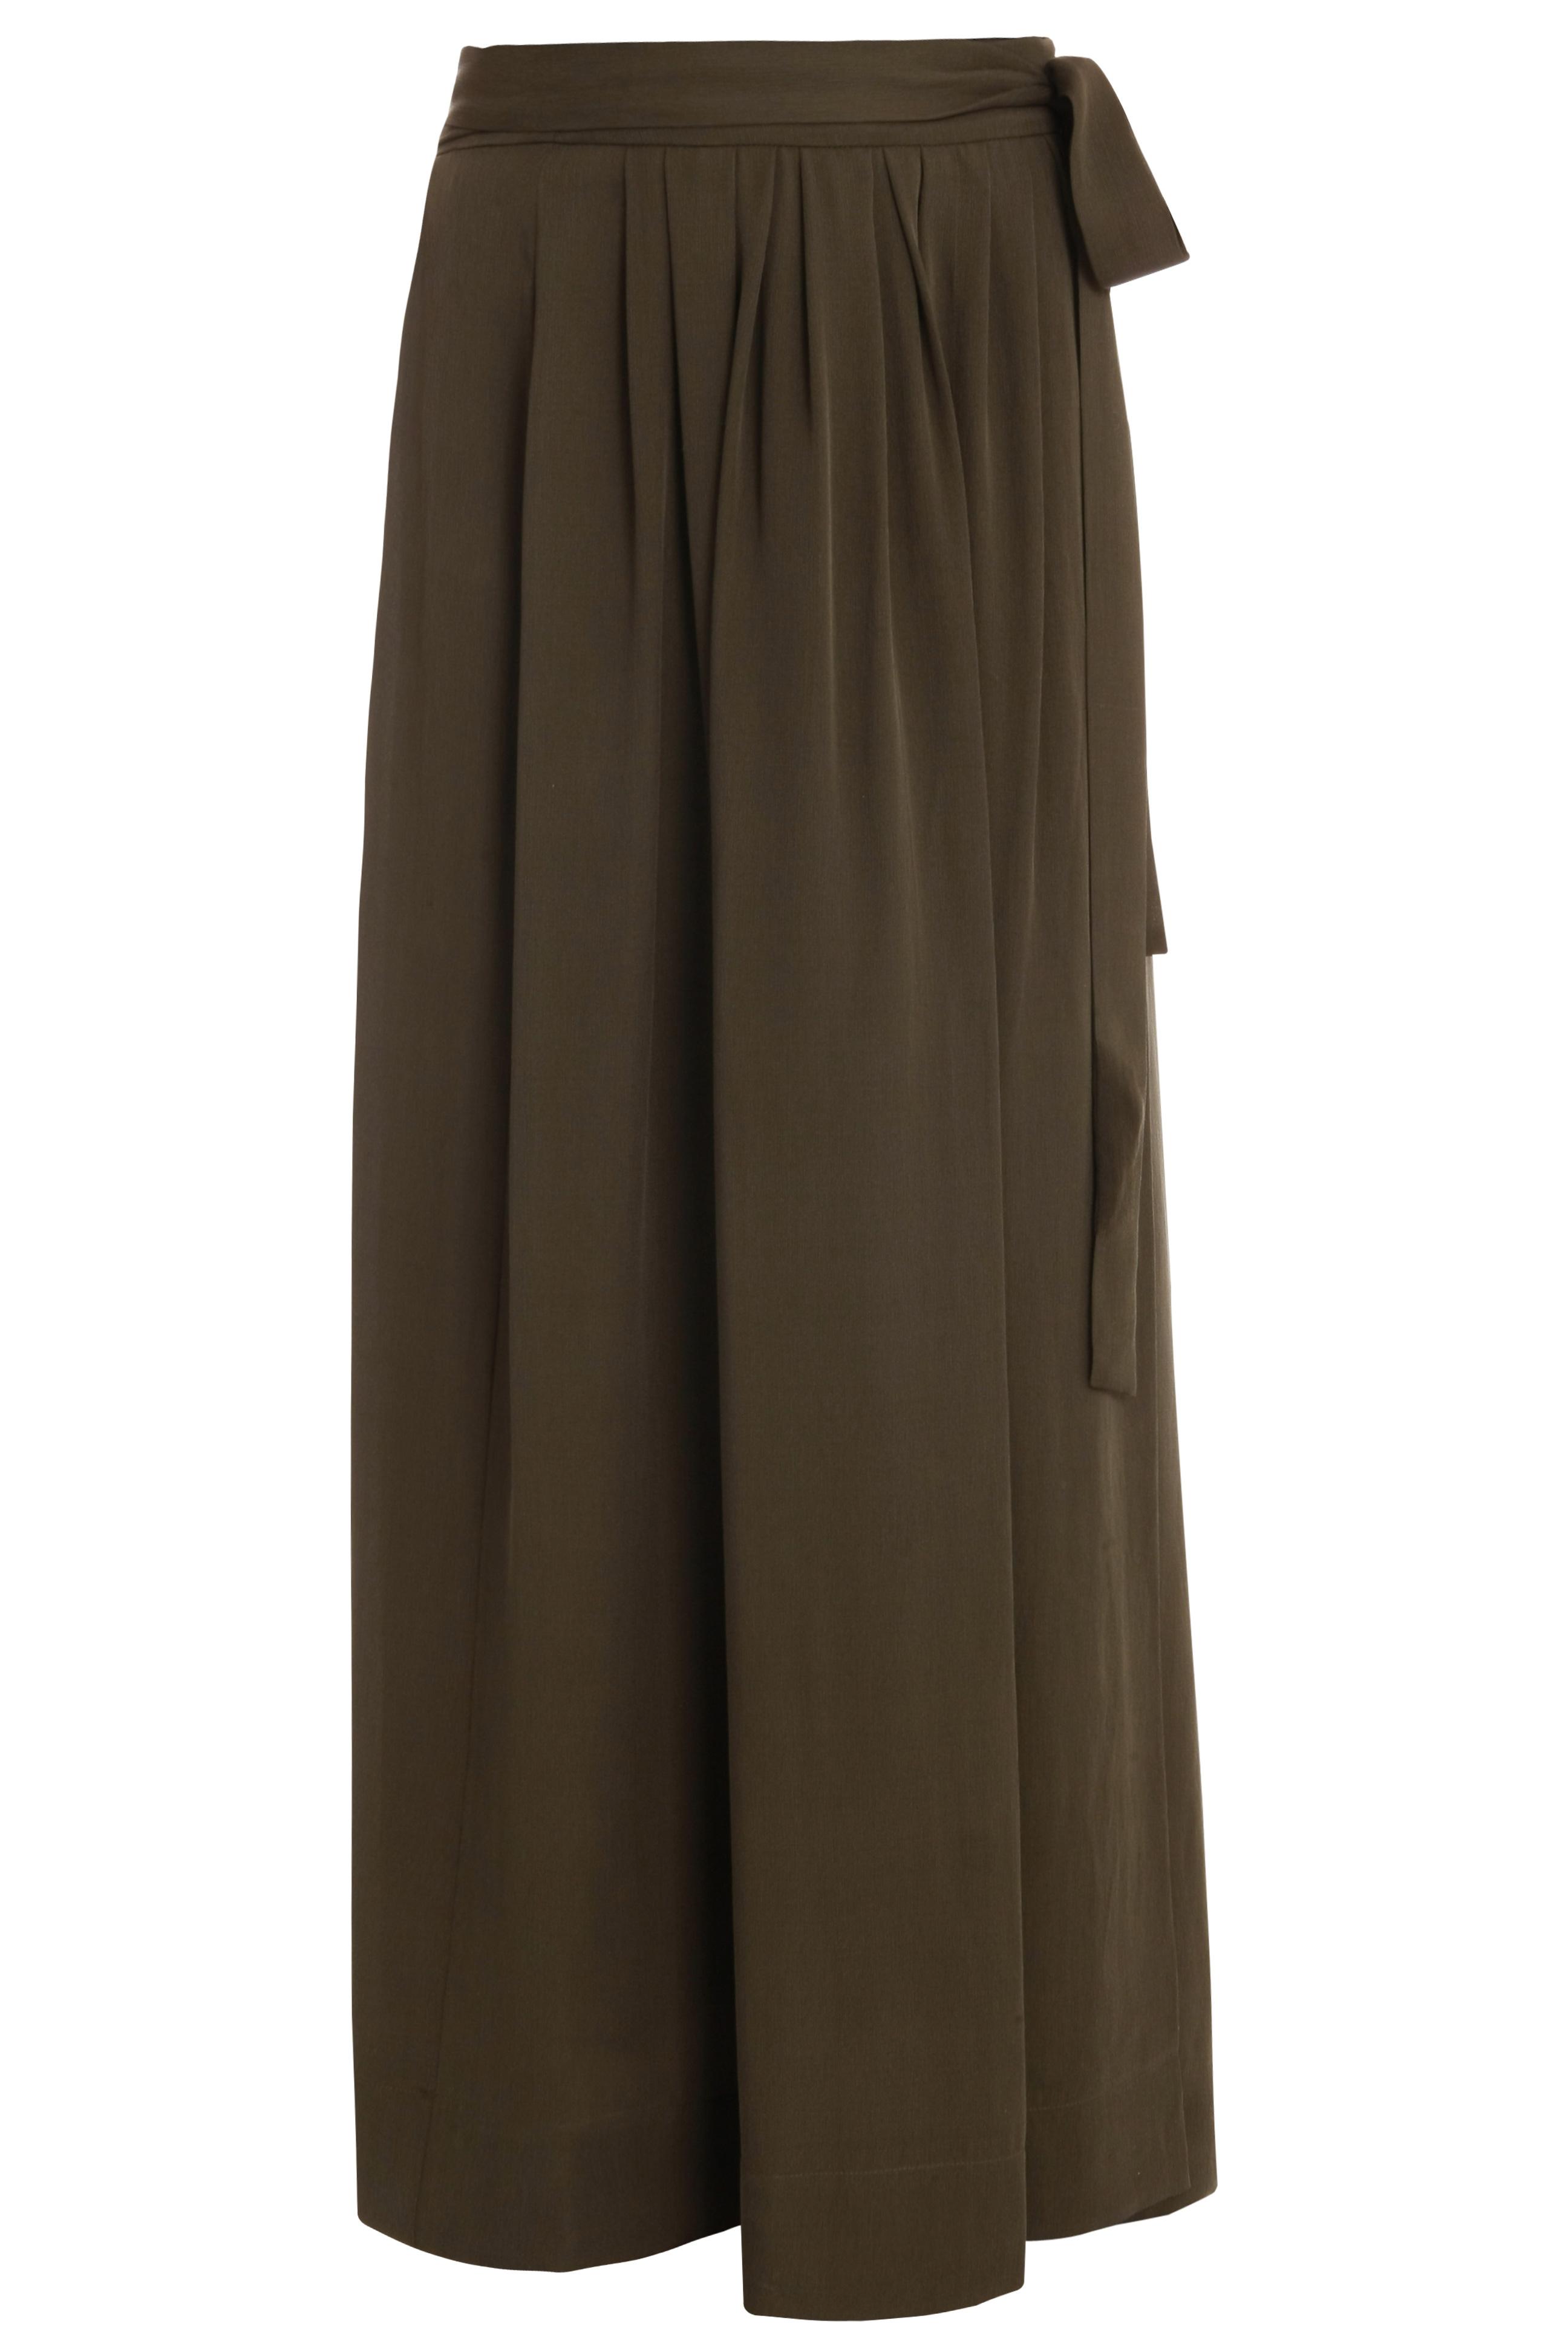 marant zim silk tie maxi skirt in green lyst